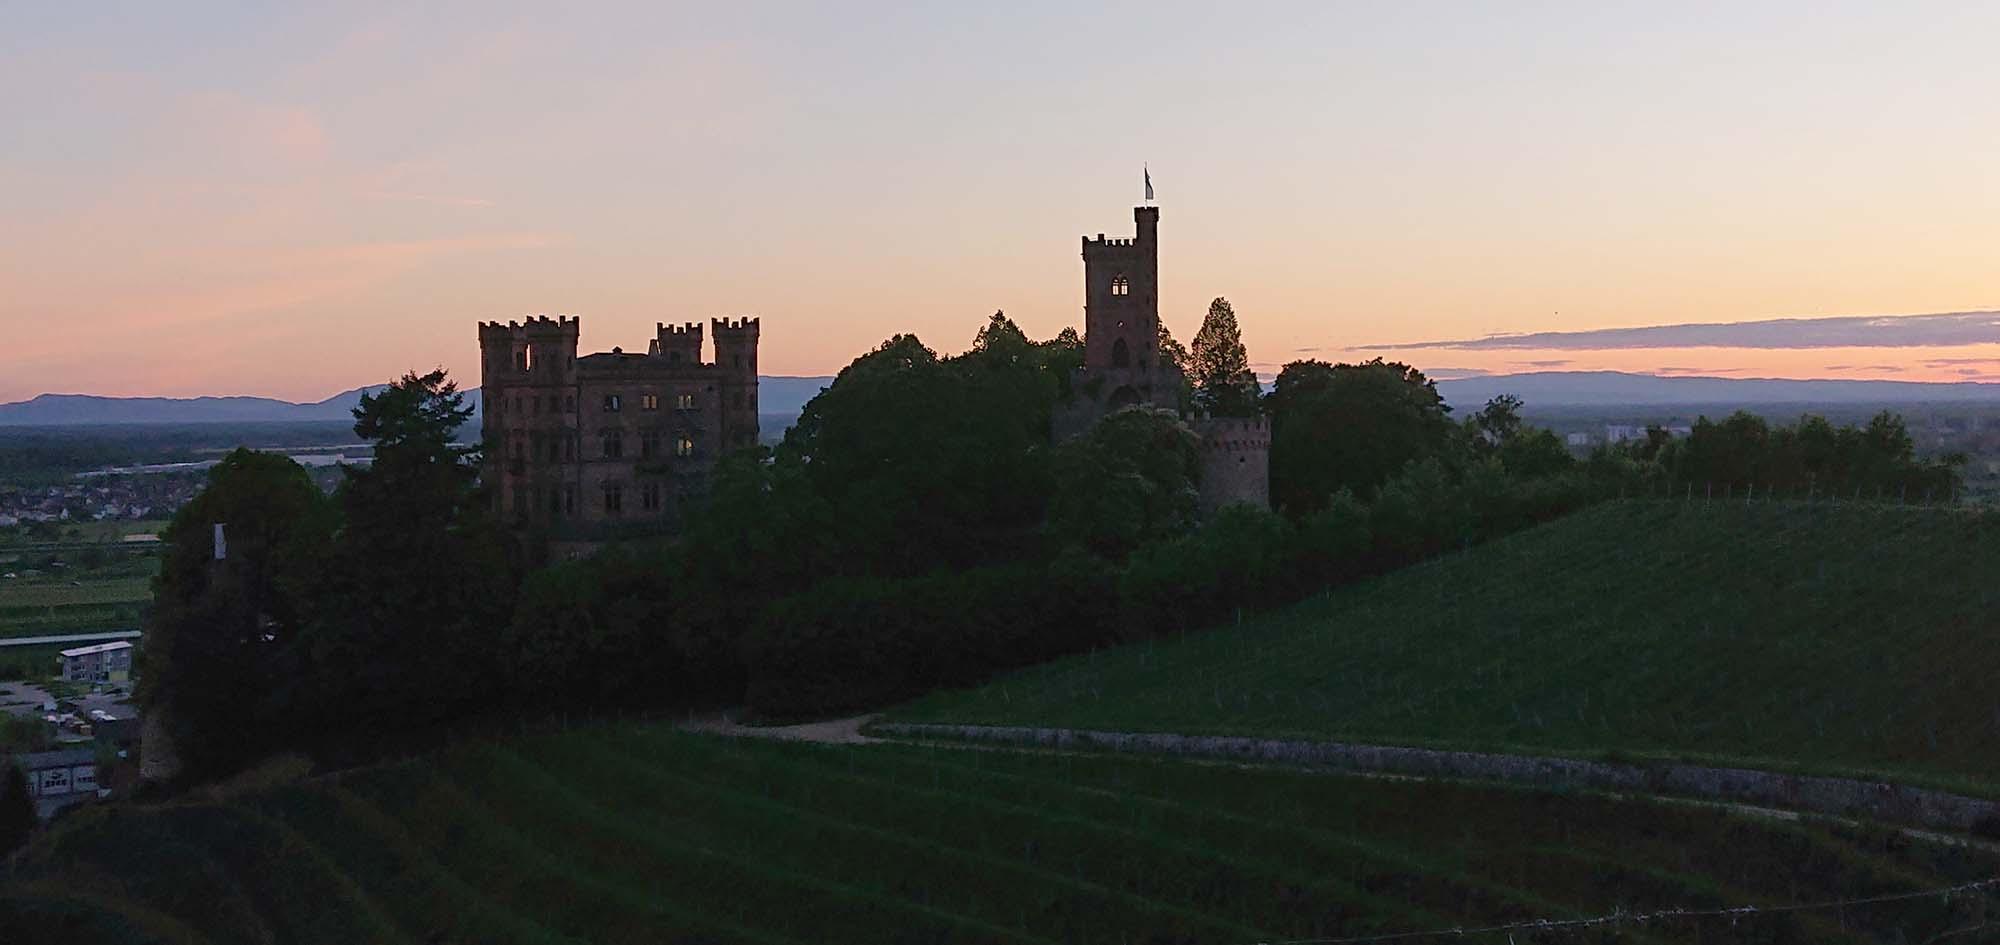 2021-7-28-Ortenberg- BUND- Schloss ohne Licht DSC_1426